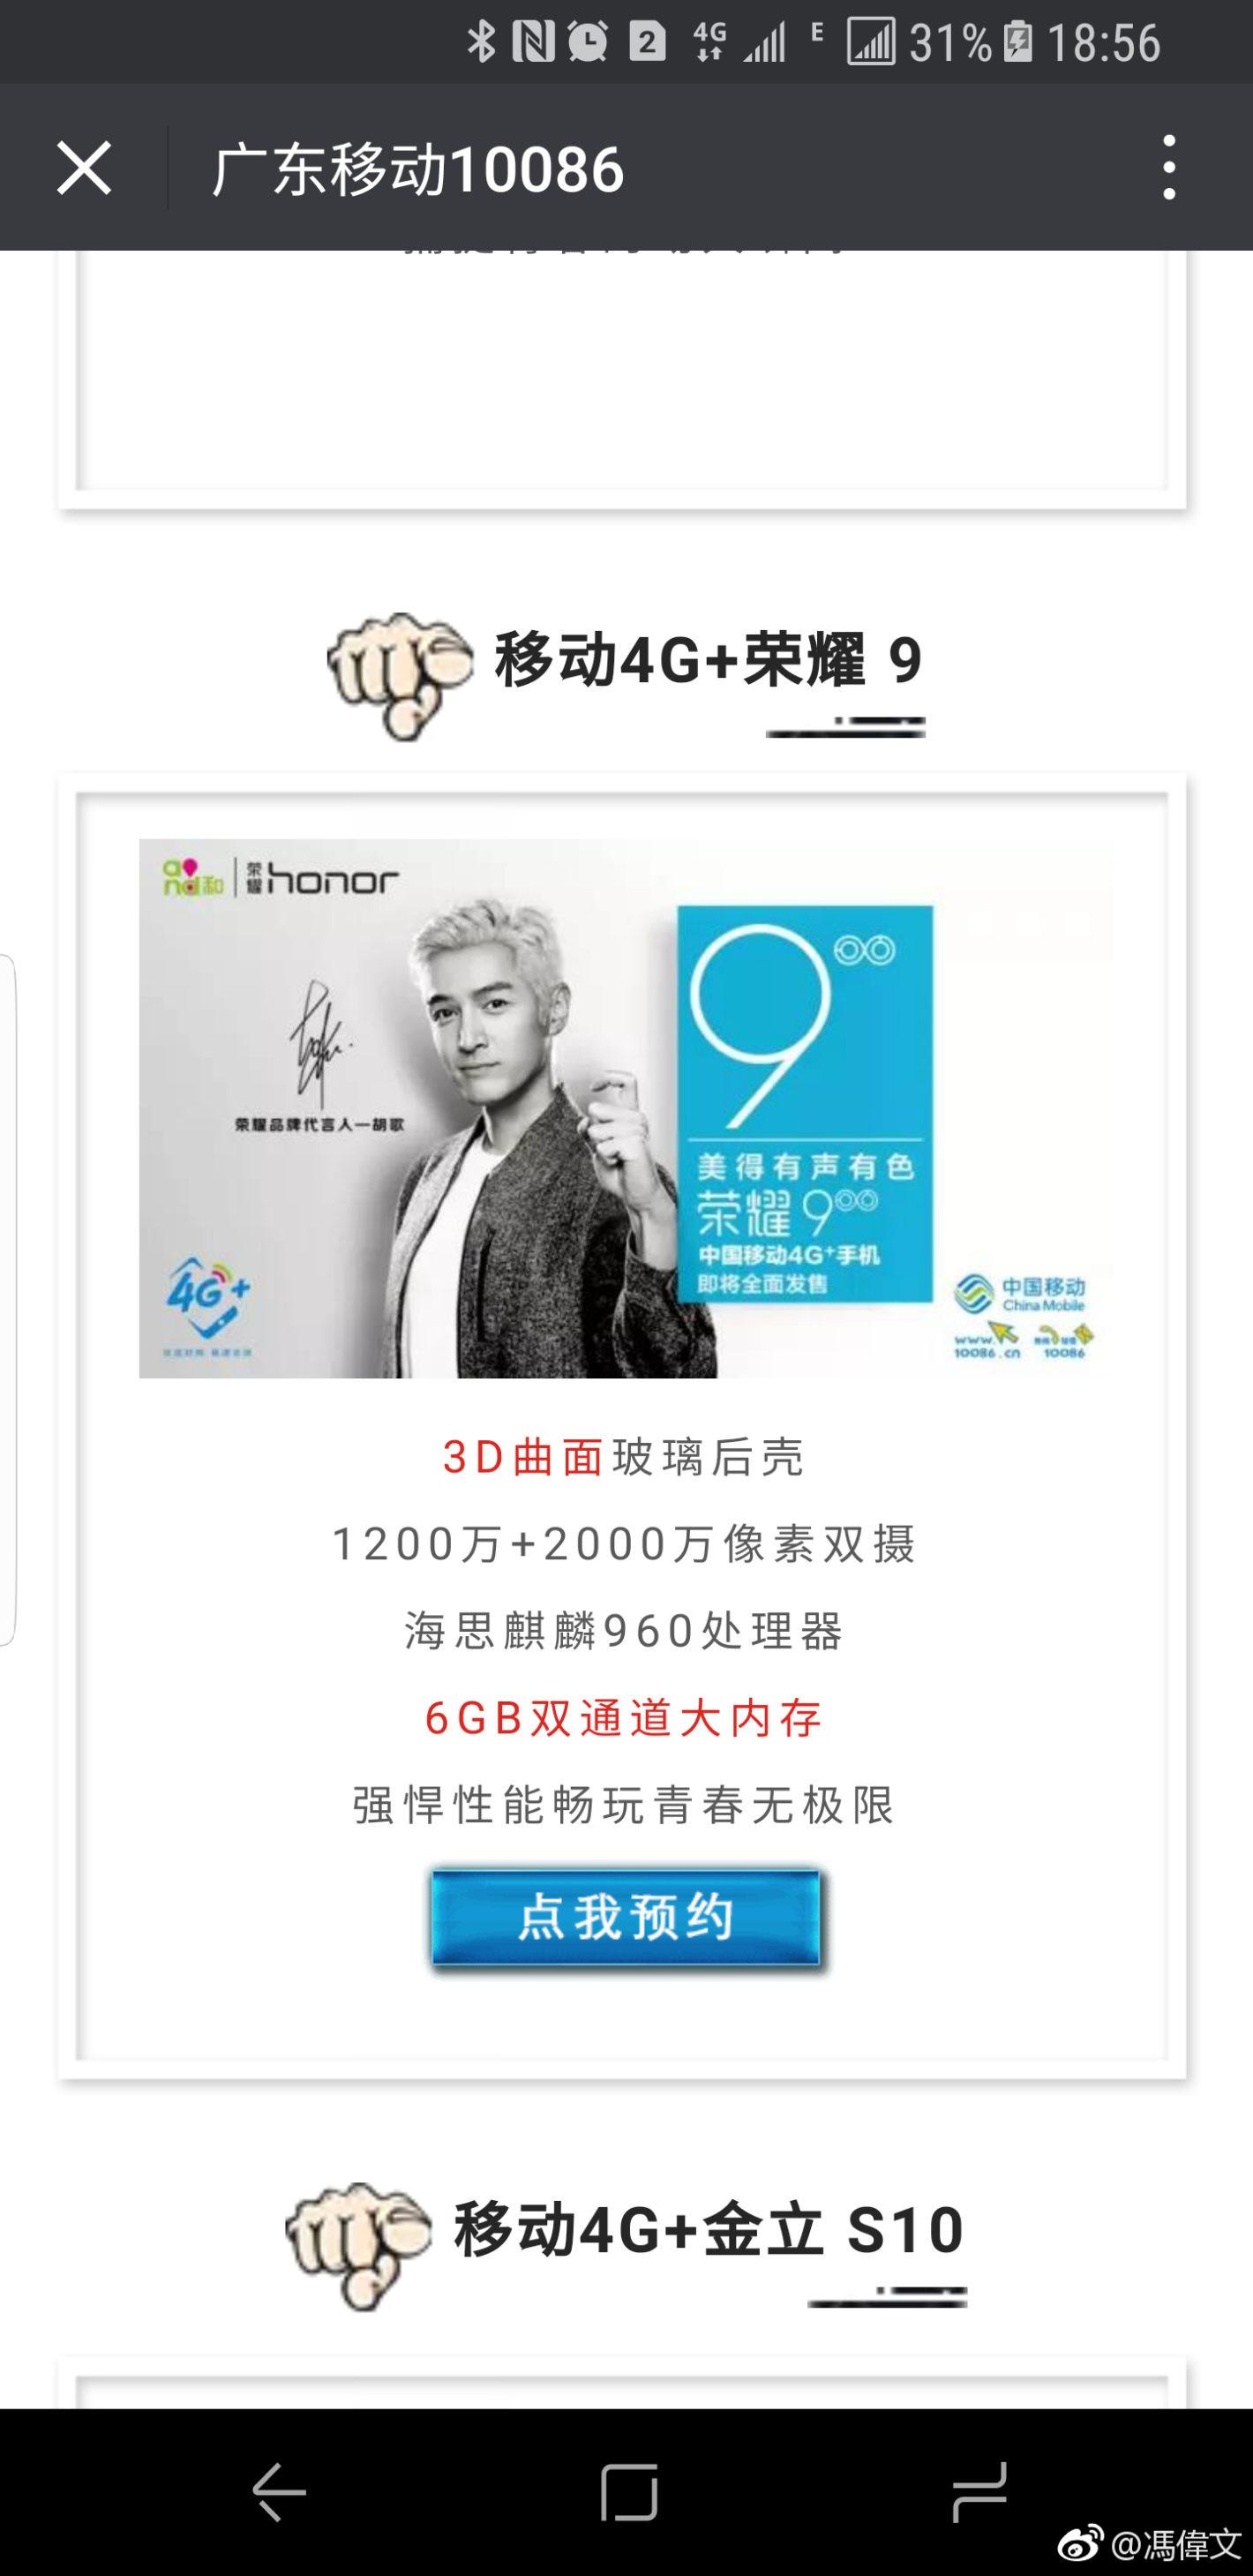 1497078420_honor-9-weibo-promo-leak-1420x2919.jpg